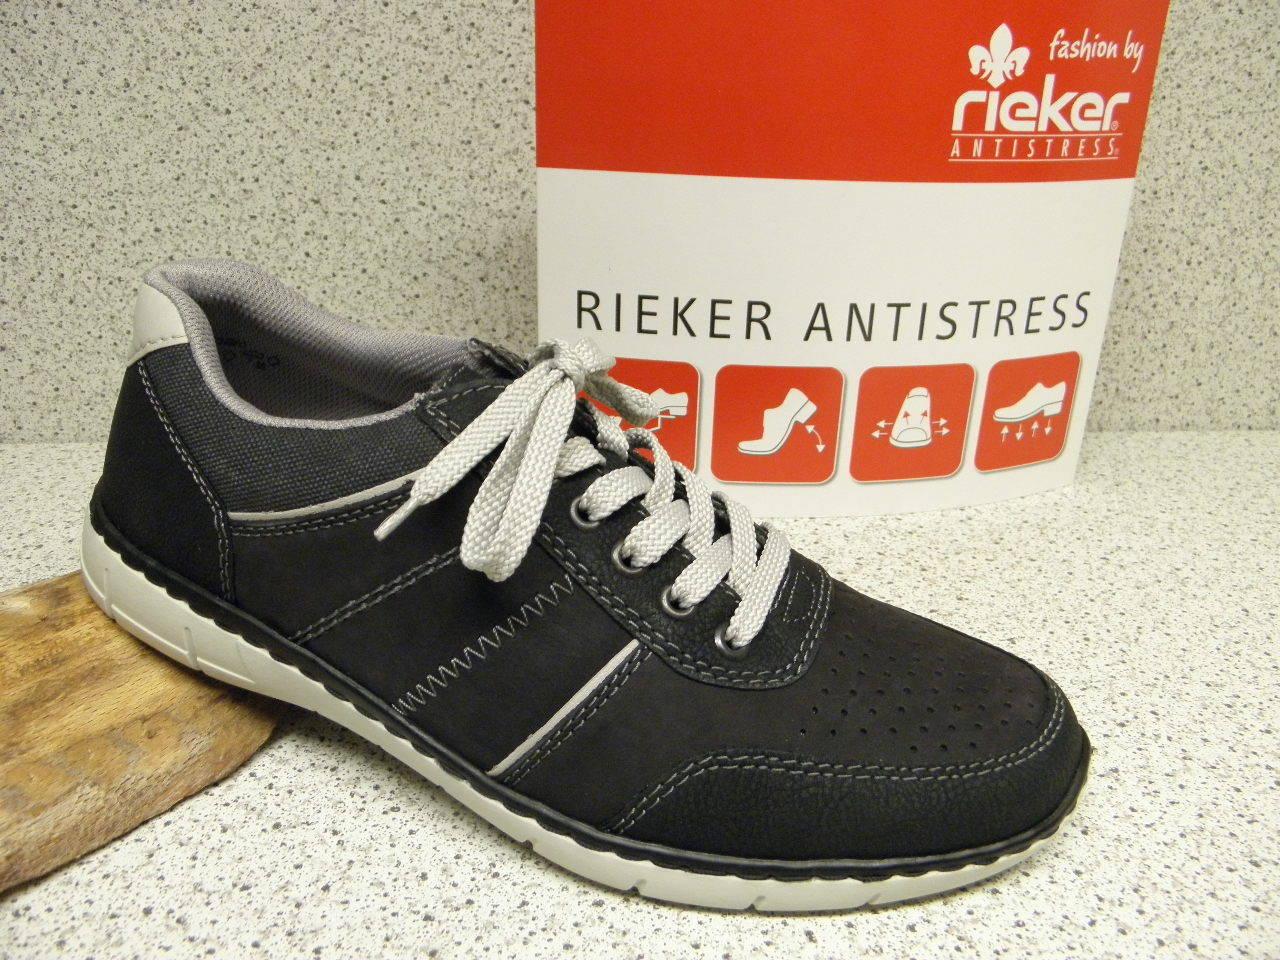 Rieker ® rotuziert, bisher   schwarz, + gratis Premium - Socken (R373)